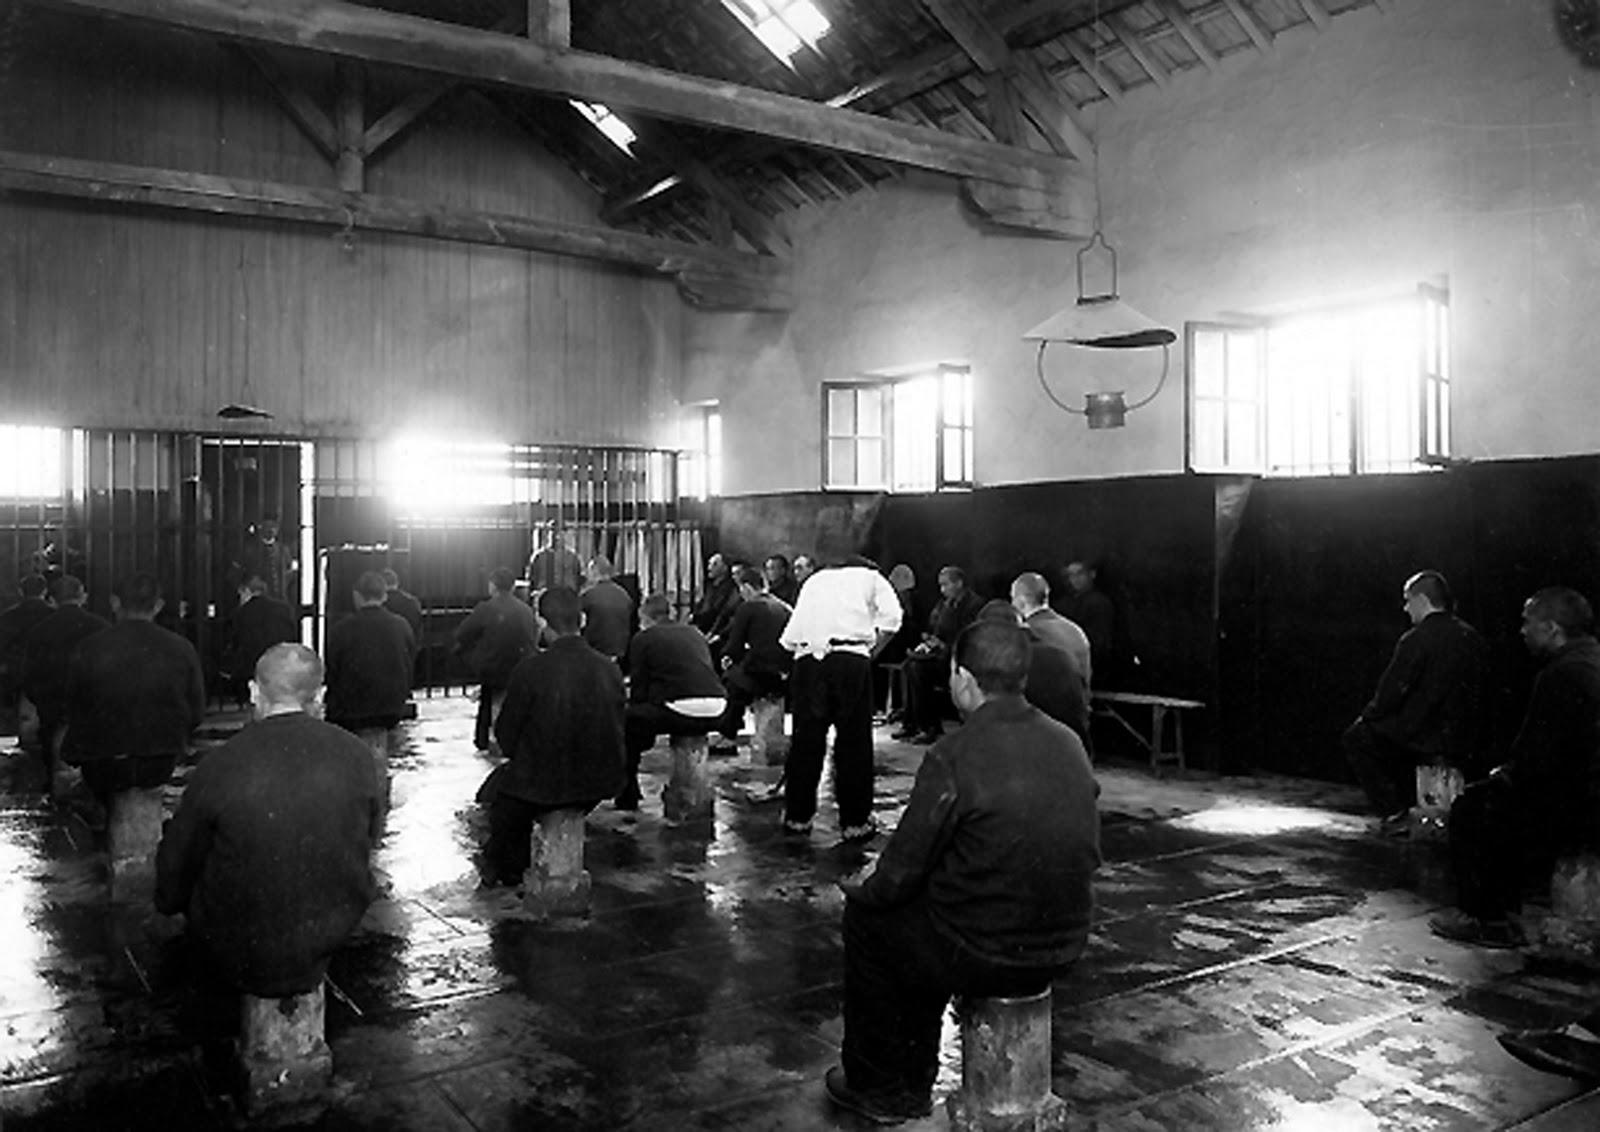 maison d arr 234 t de limoges 1930 photo henri manuel flics et voyoux prison